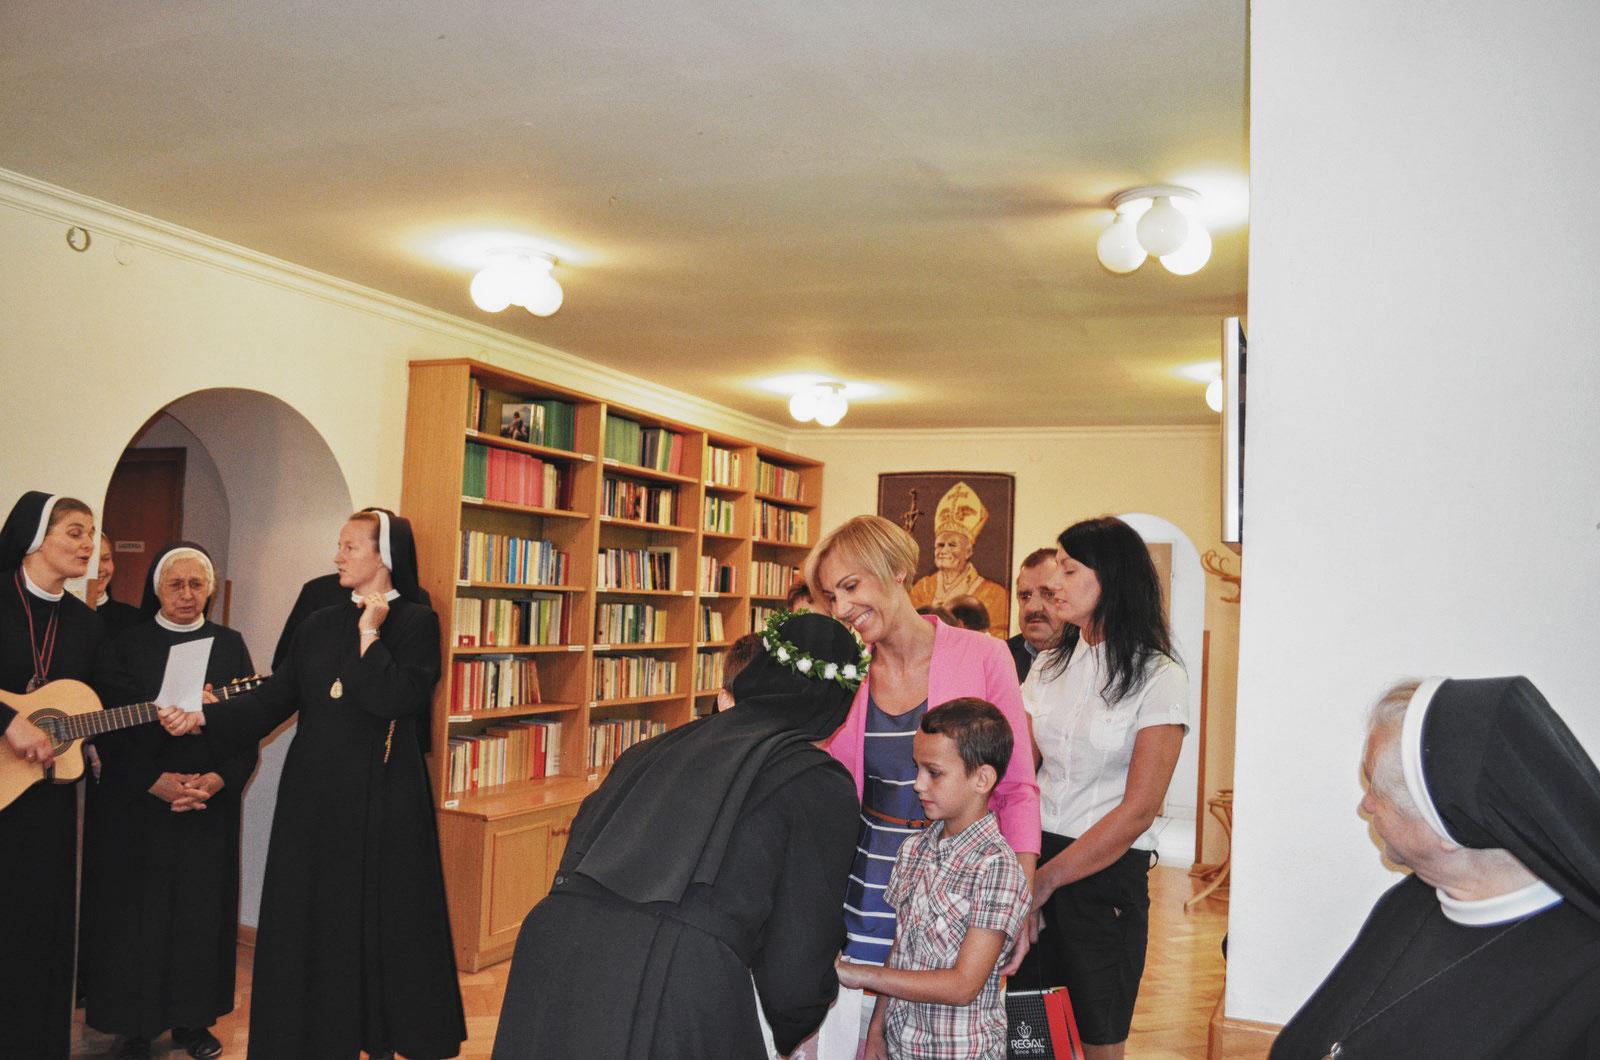 Sióstr_św_Elżbiety-Pierwsze_Śluby_fotorelacja-I-SLUBY-DSC_0624-min.jpg